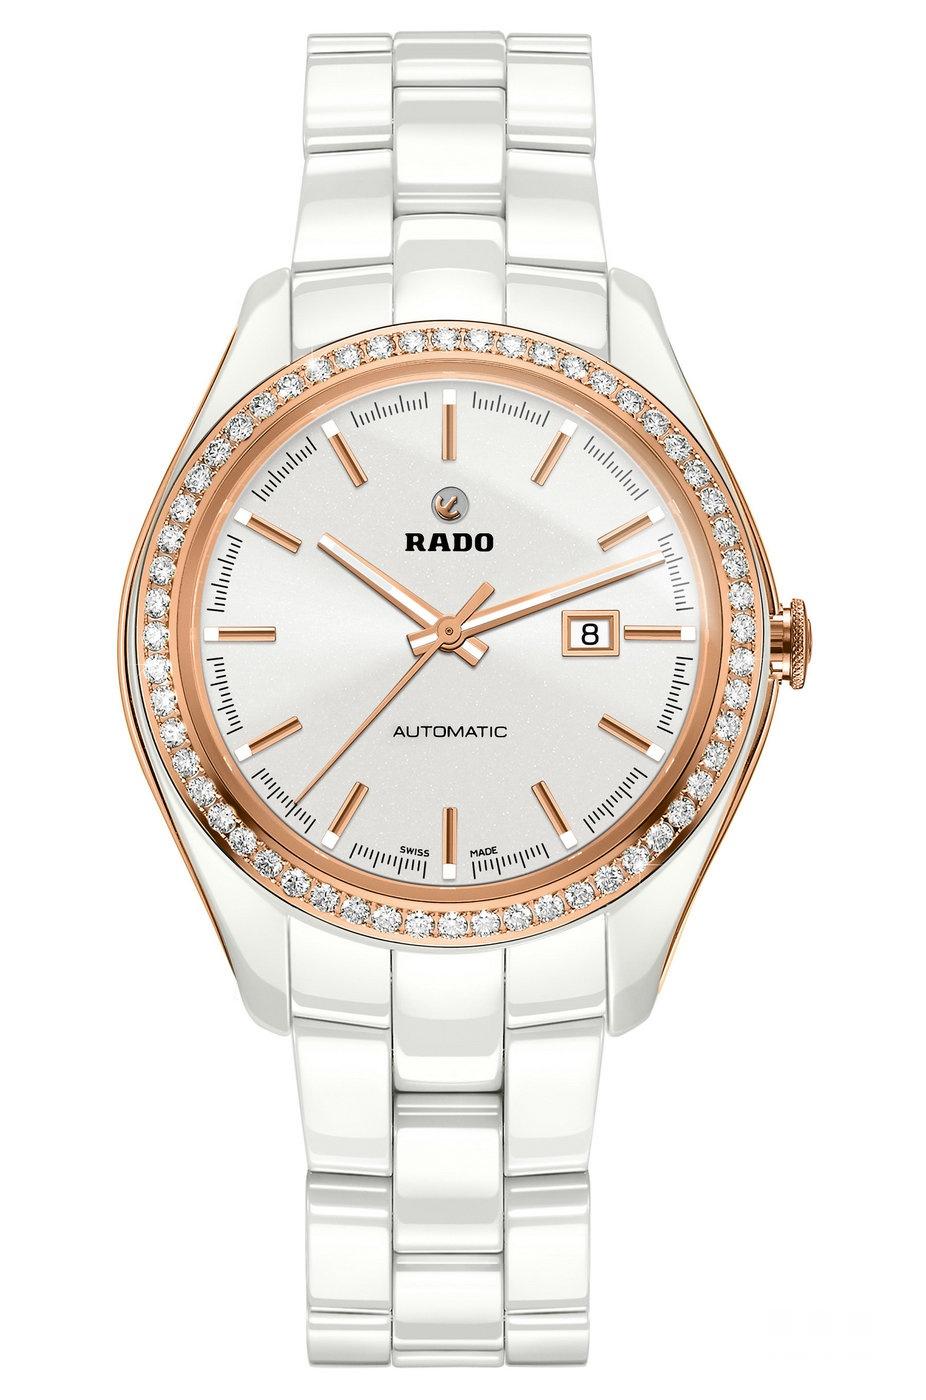 【2017巴塞尔钟表展新款】RADO瑞士雷达表全球品牌代言人汤唯亮相2017博鳌亚洲论坛